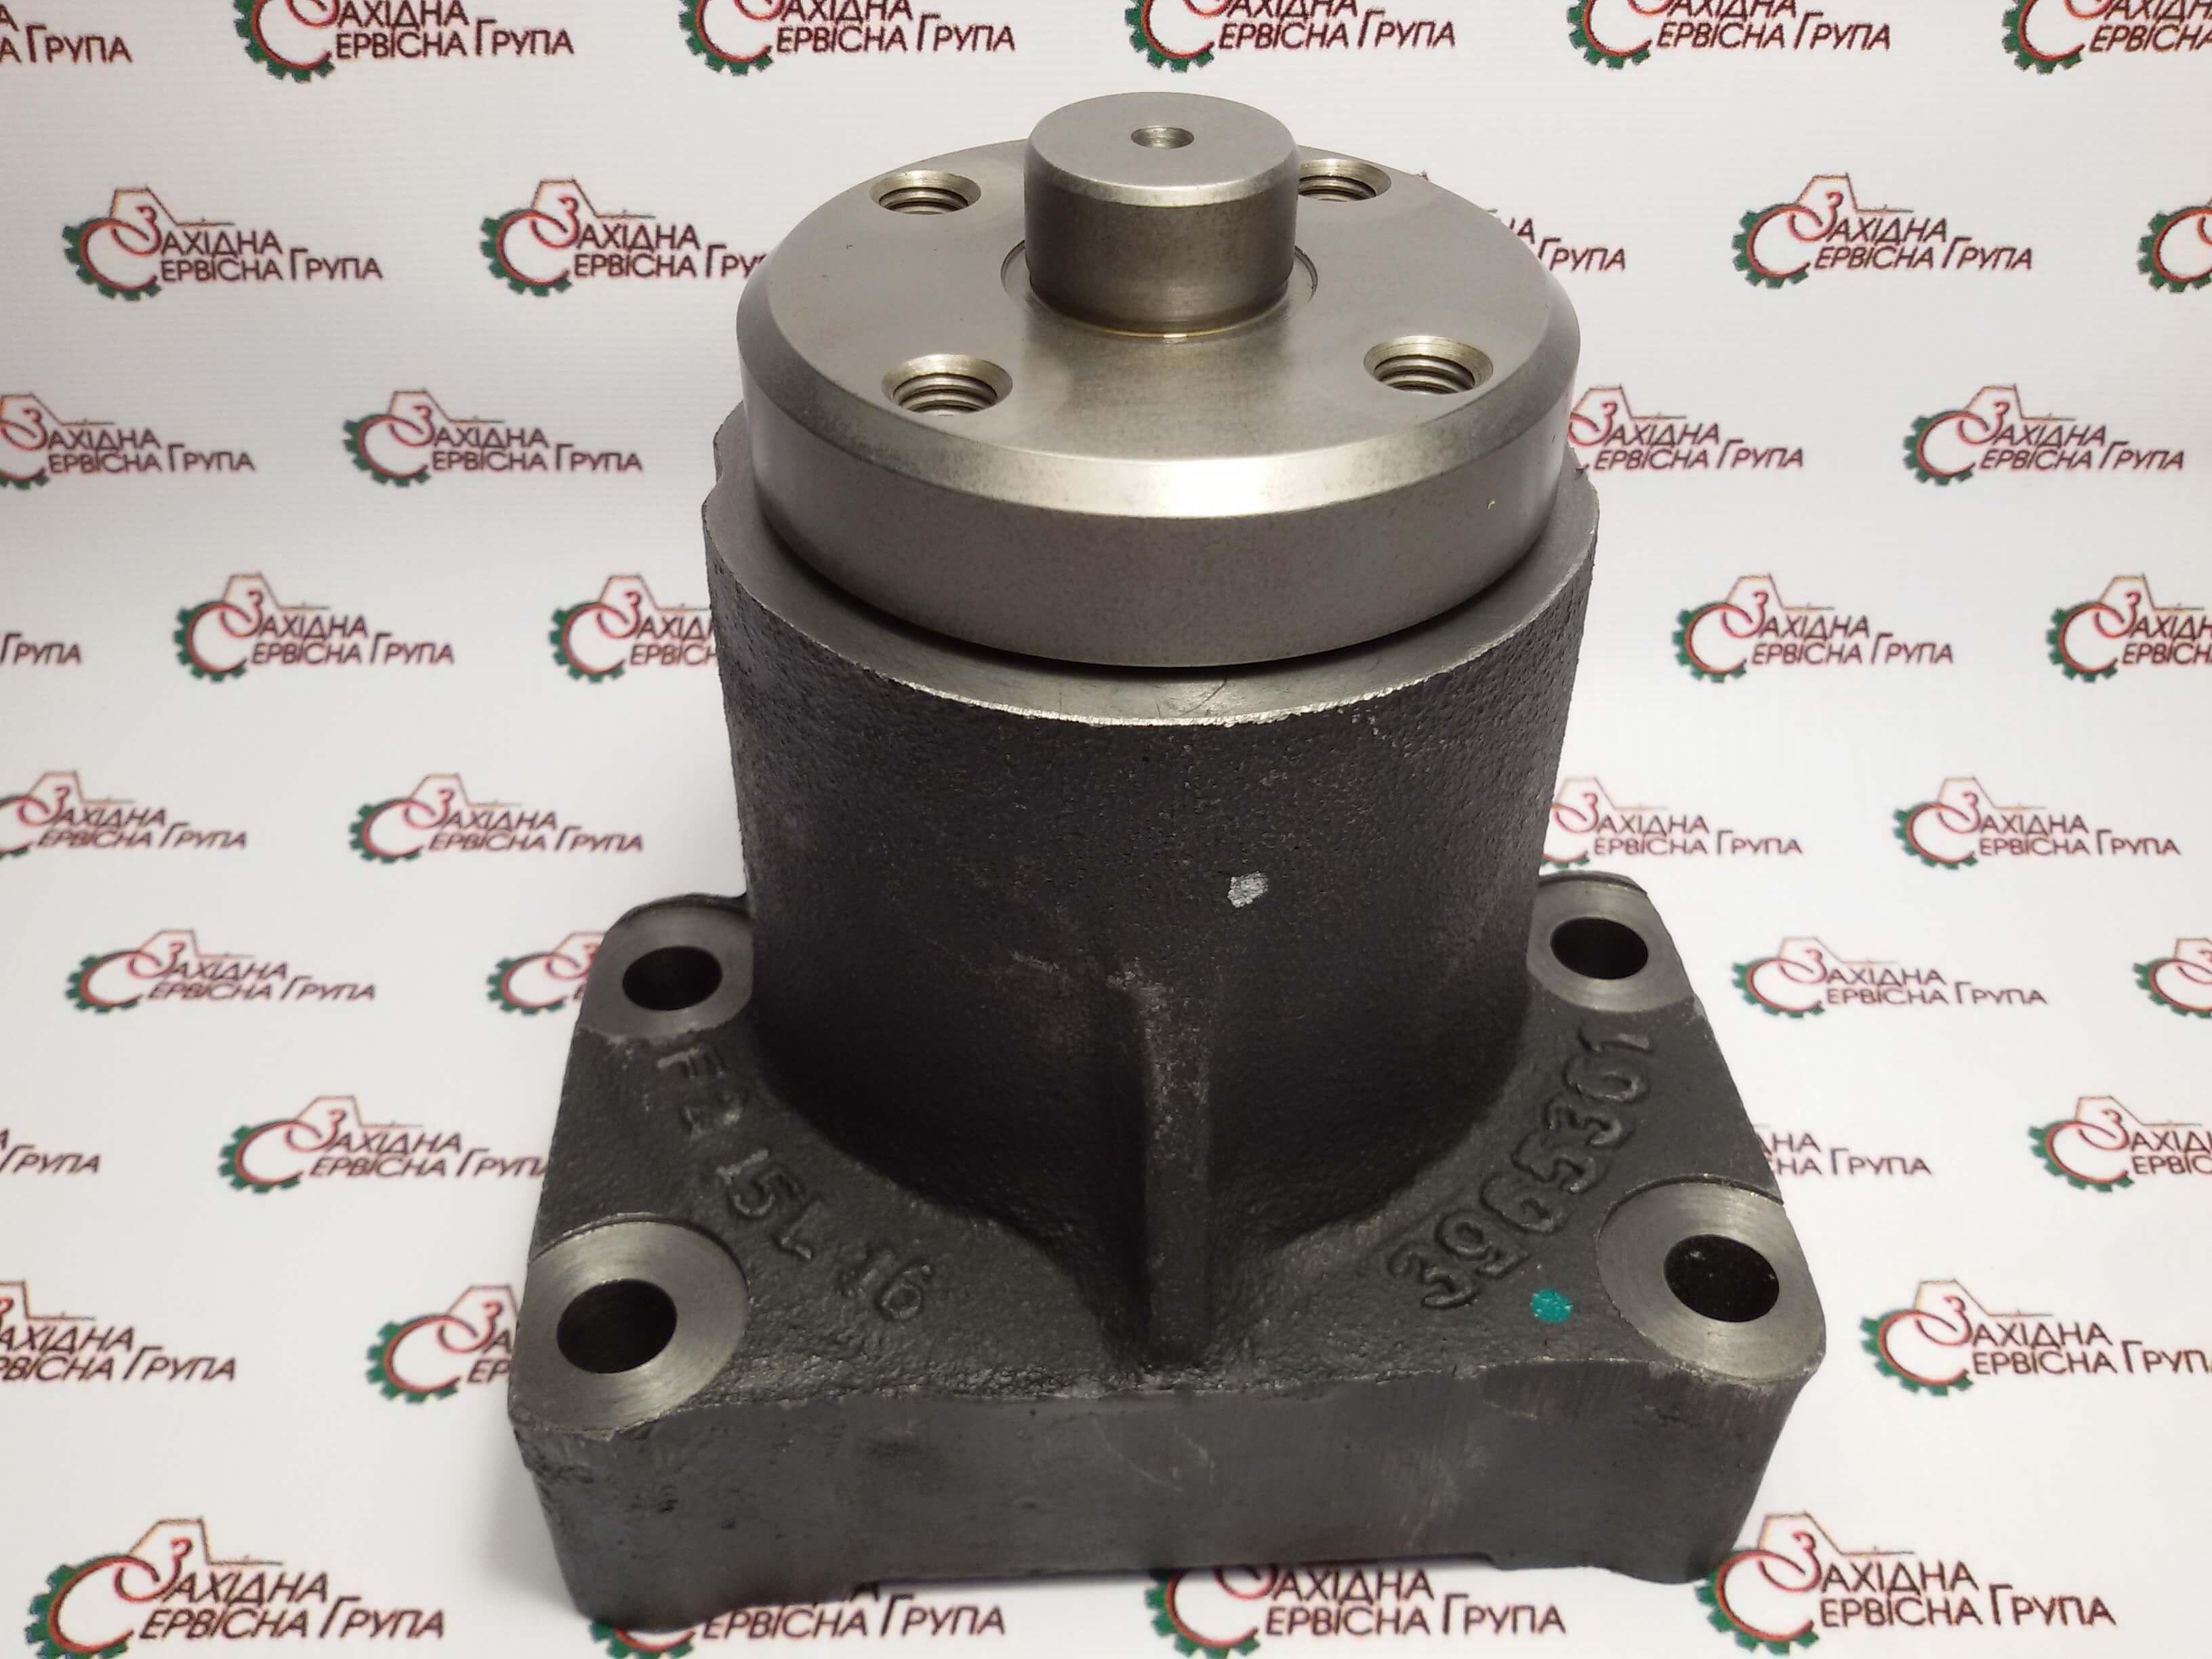 Опора вентилятора двигуна Cummins 6CT 8.3, ISL, QSL9, 3965361, 3945330.